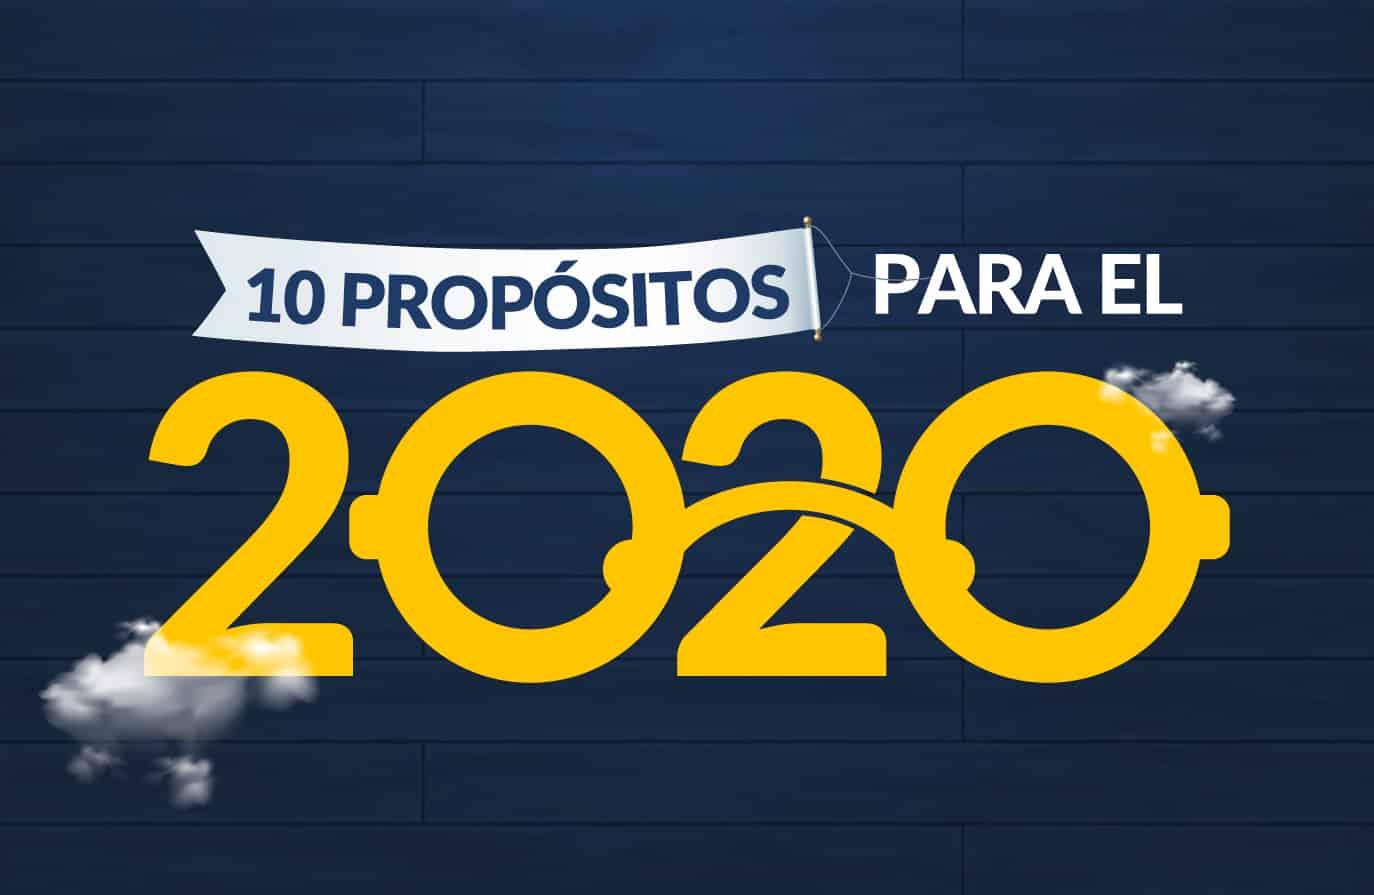 Propósitos para el 2020